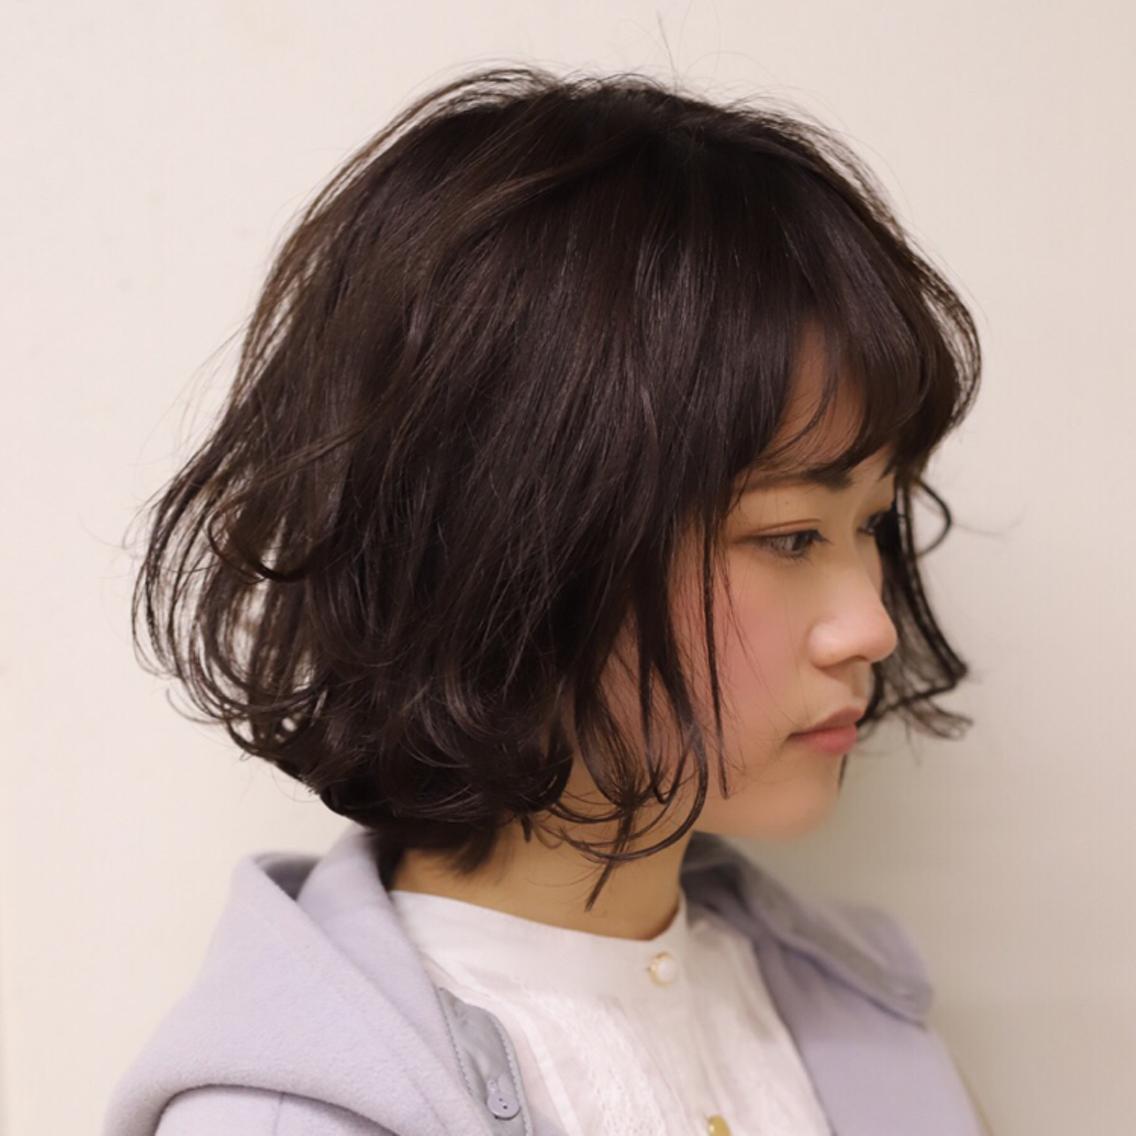 レディースカットモデル募集(30代後半~)